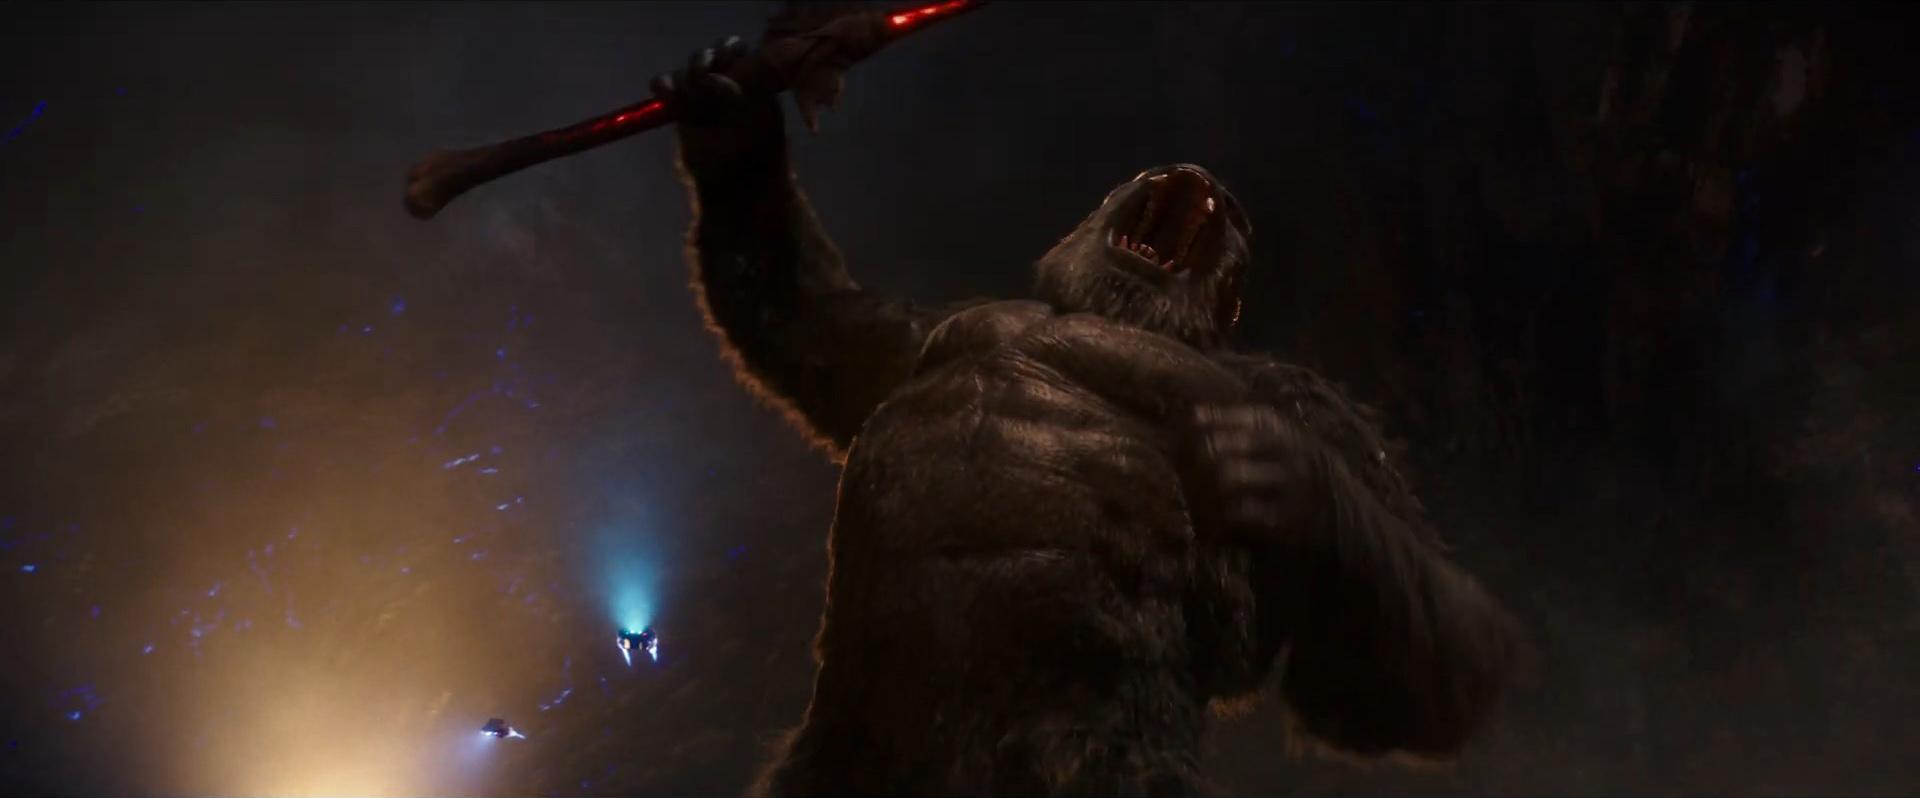 Godzilla vs Kong Trailer Still 64 - Kong angry